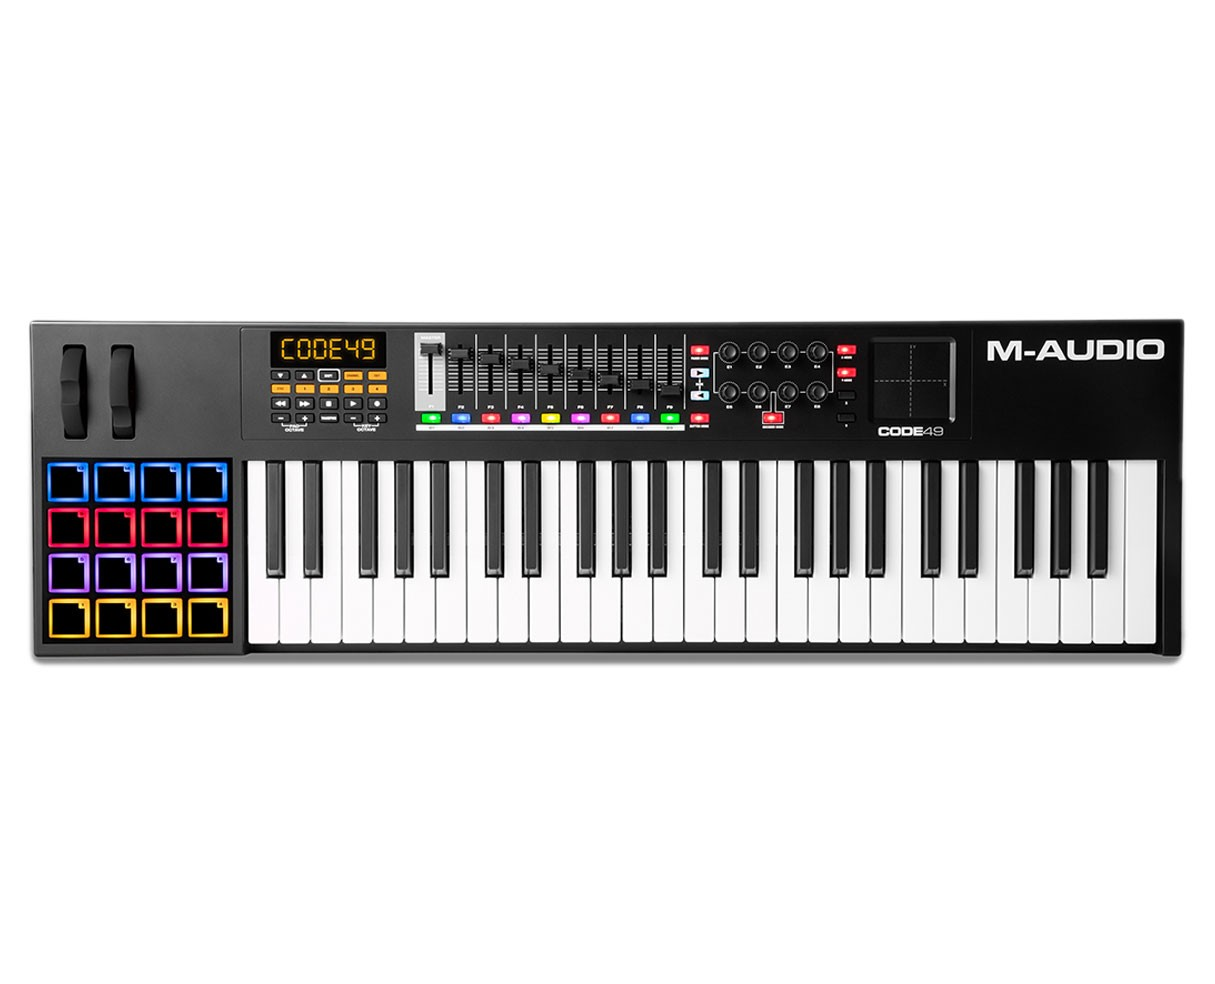 M-Audio Code 49 Black